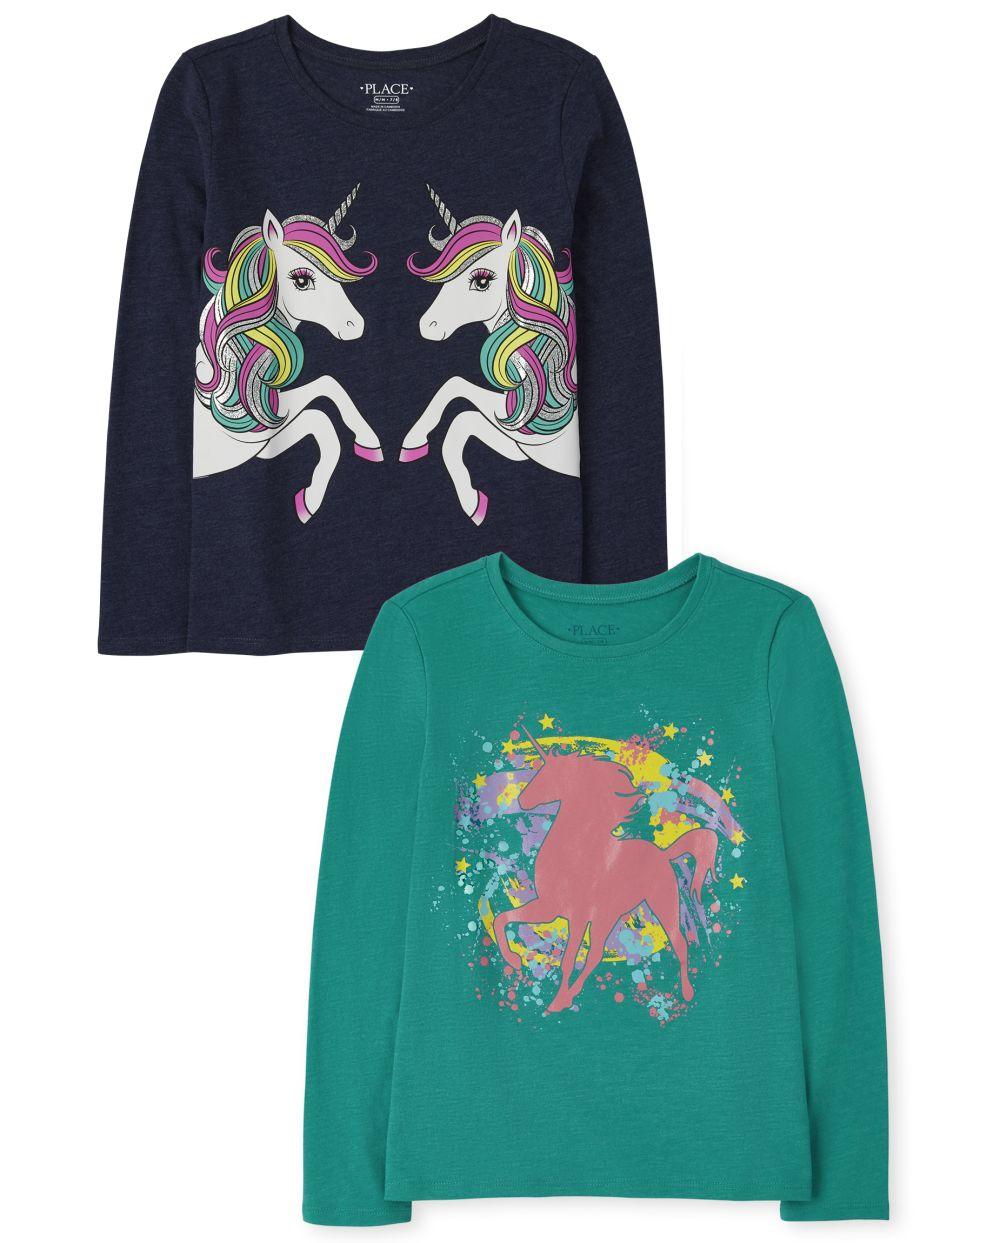 Unicorn Graphic Tee 2-Pack - Multi T-Shirt